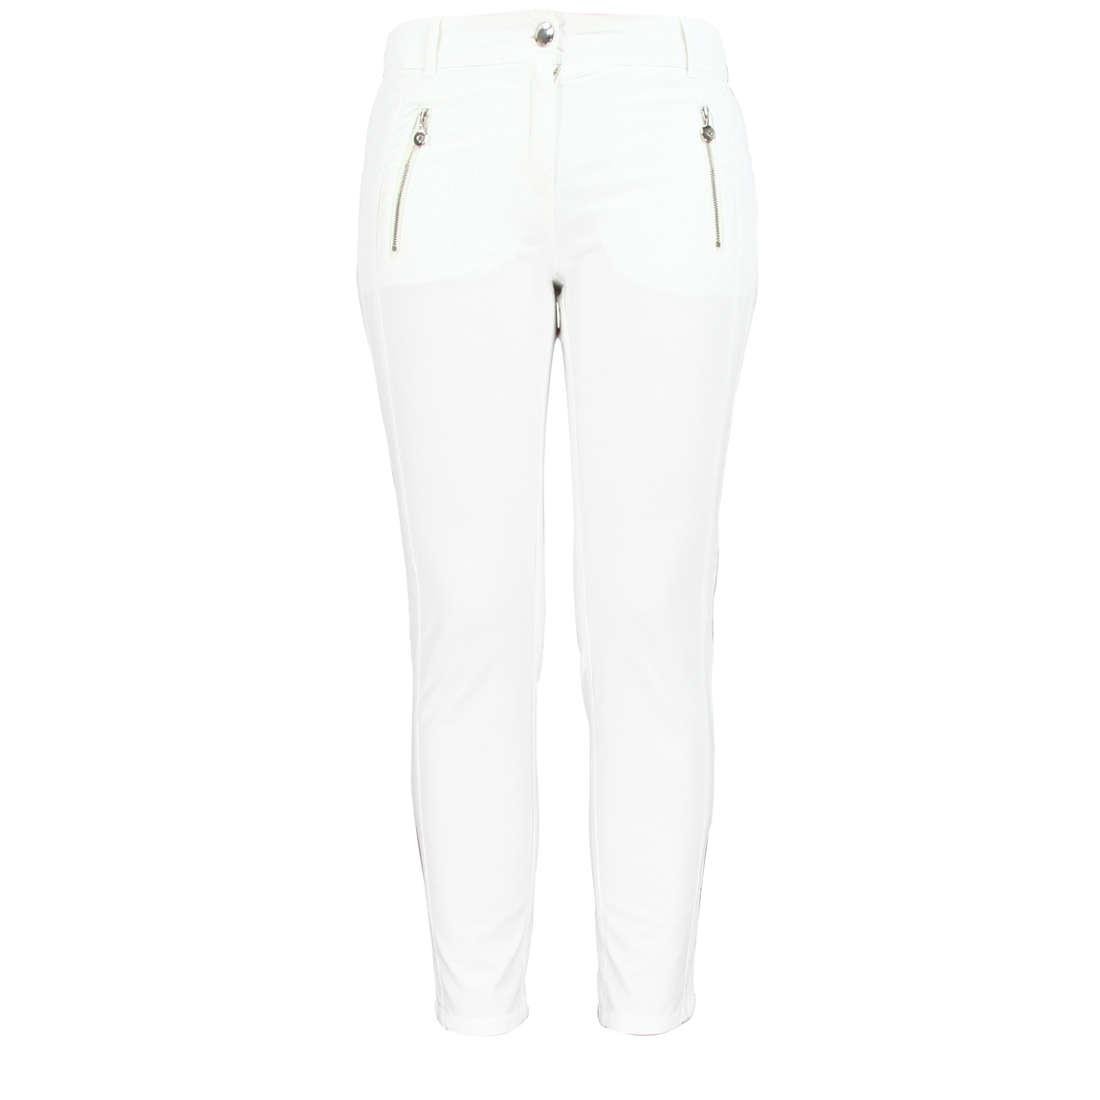 Image of Zerres broek 6455-779-sarah in het Wit